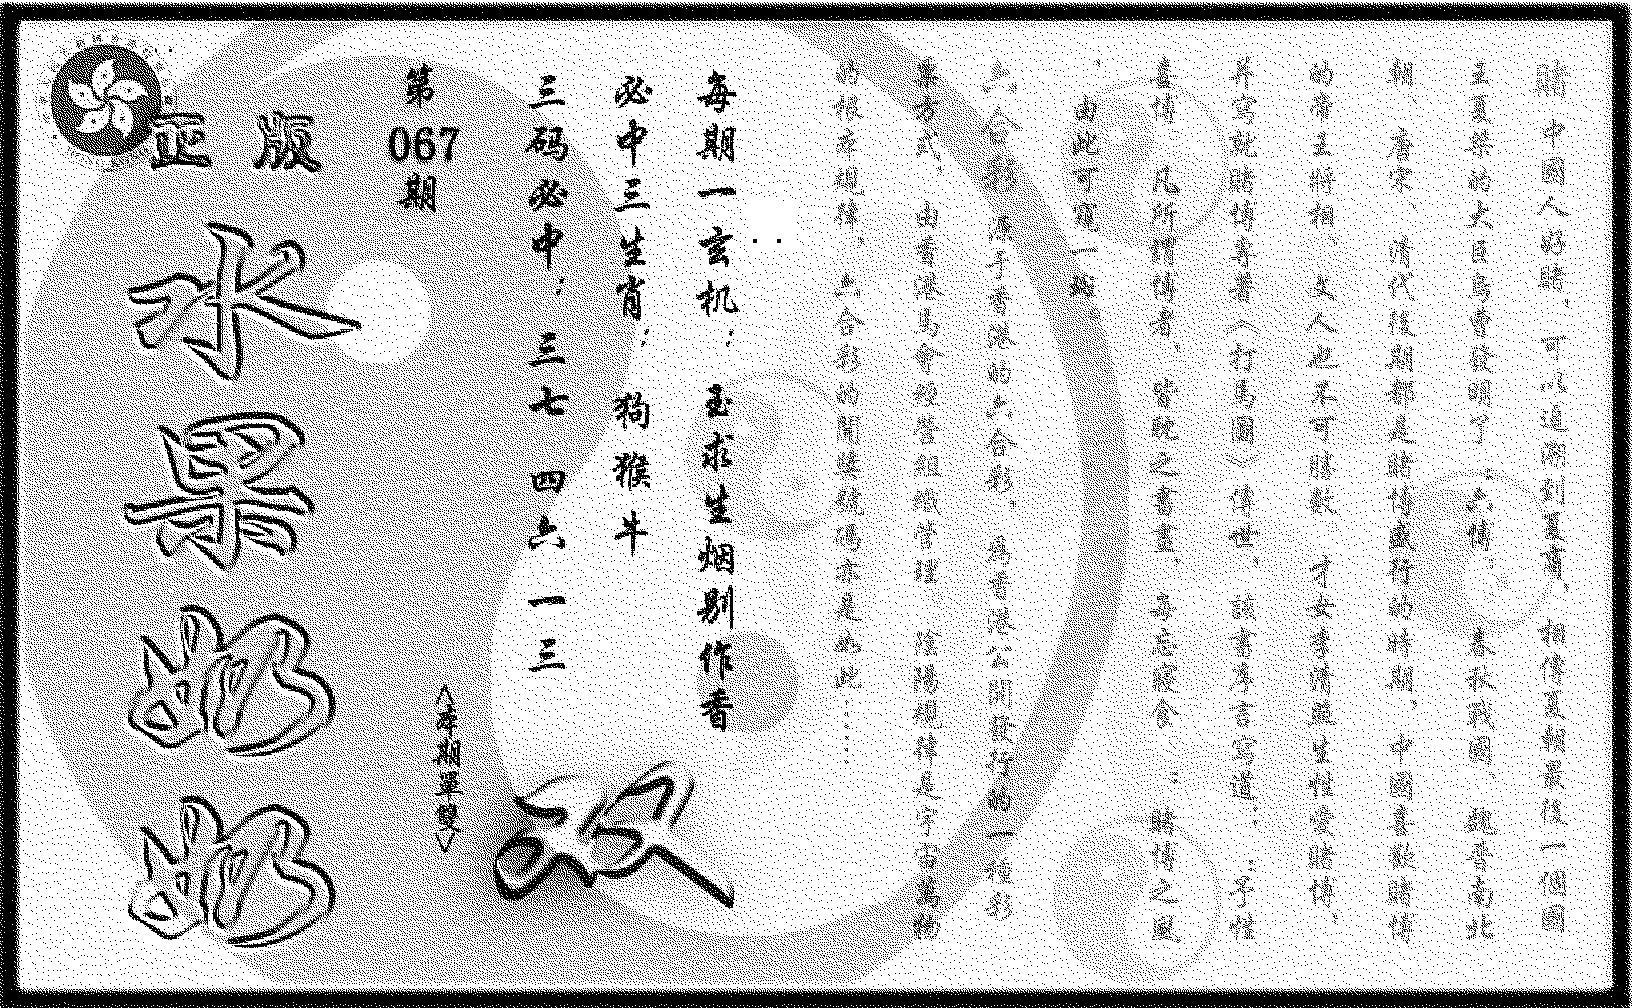 067期(九龙单双攻略)正版(黑白)